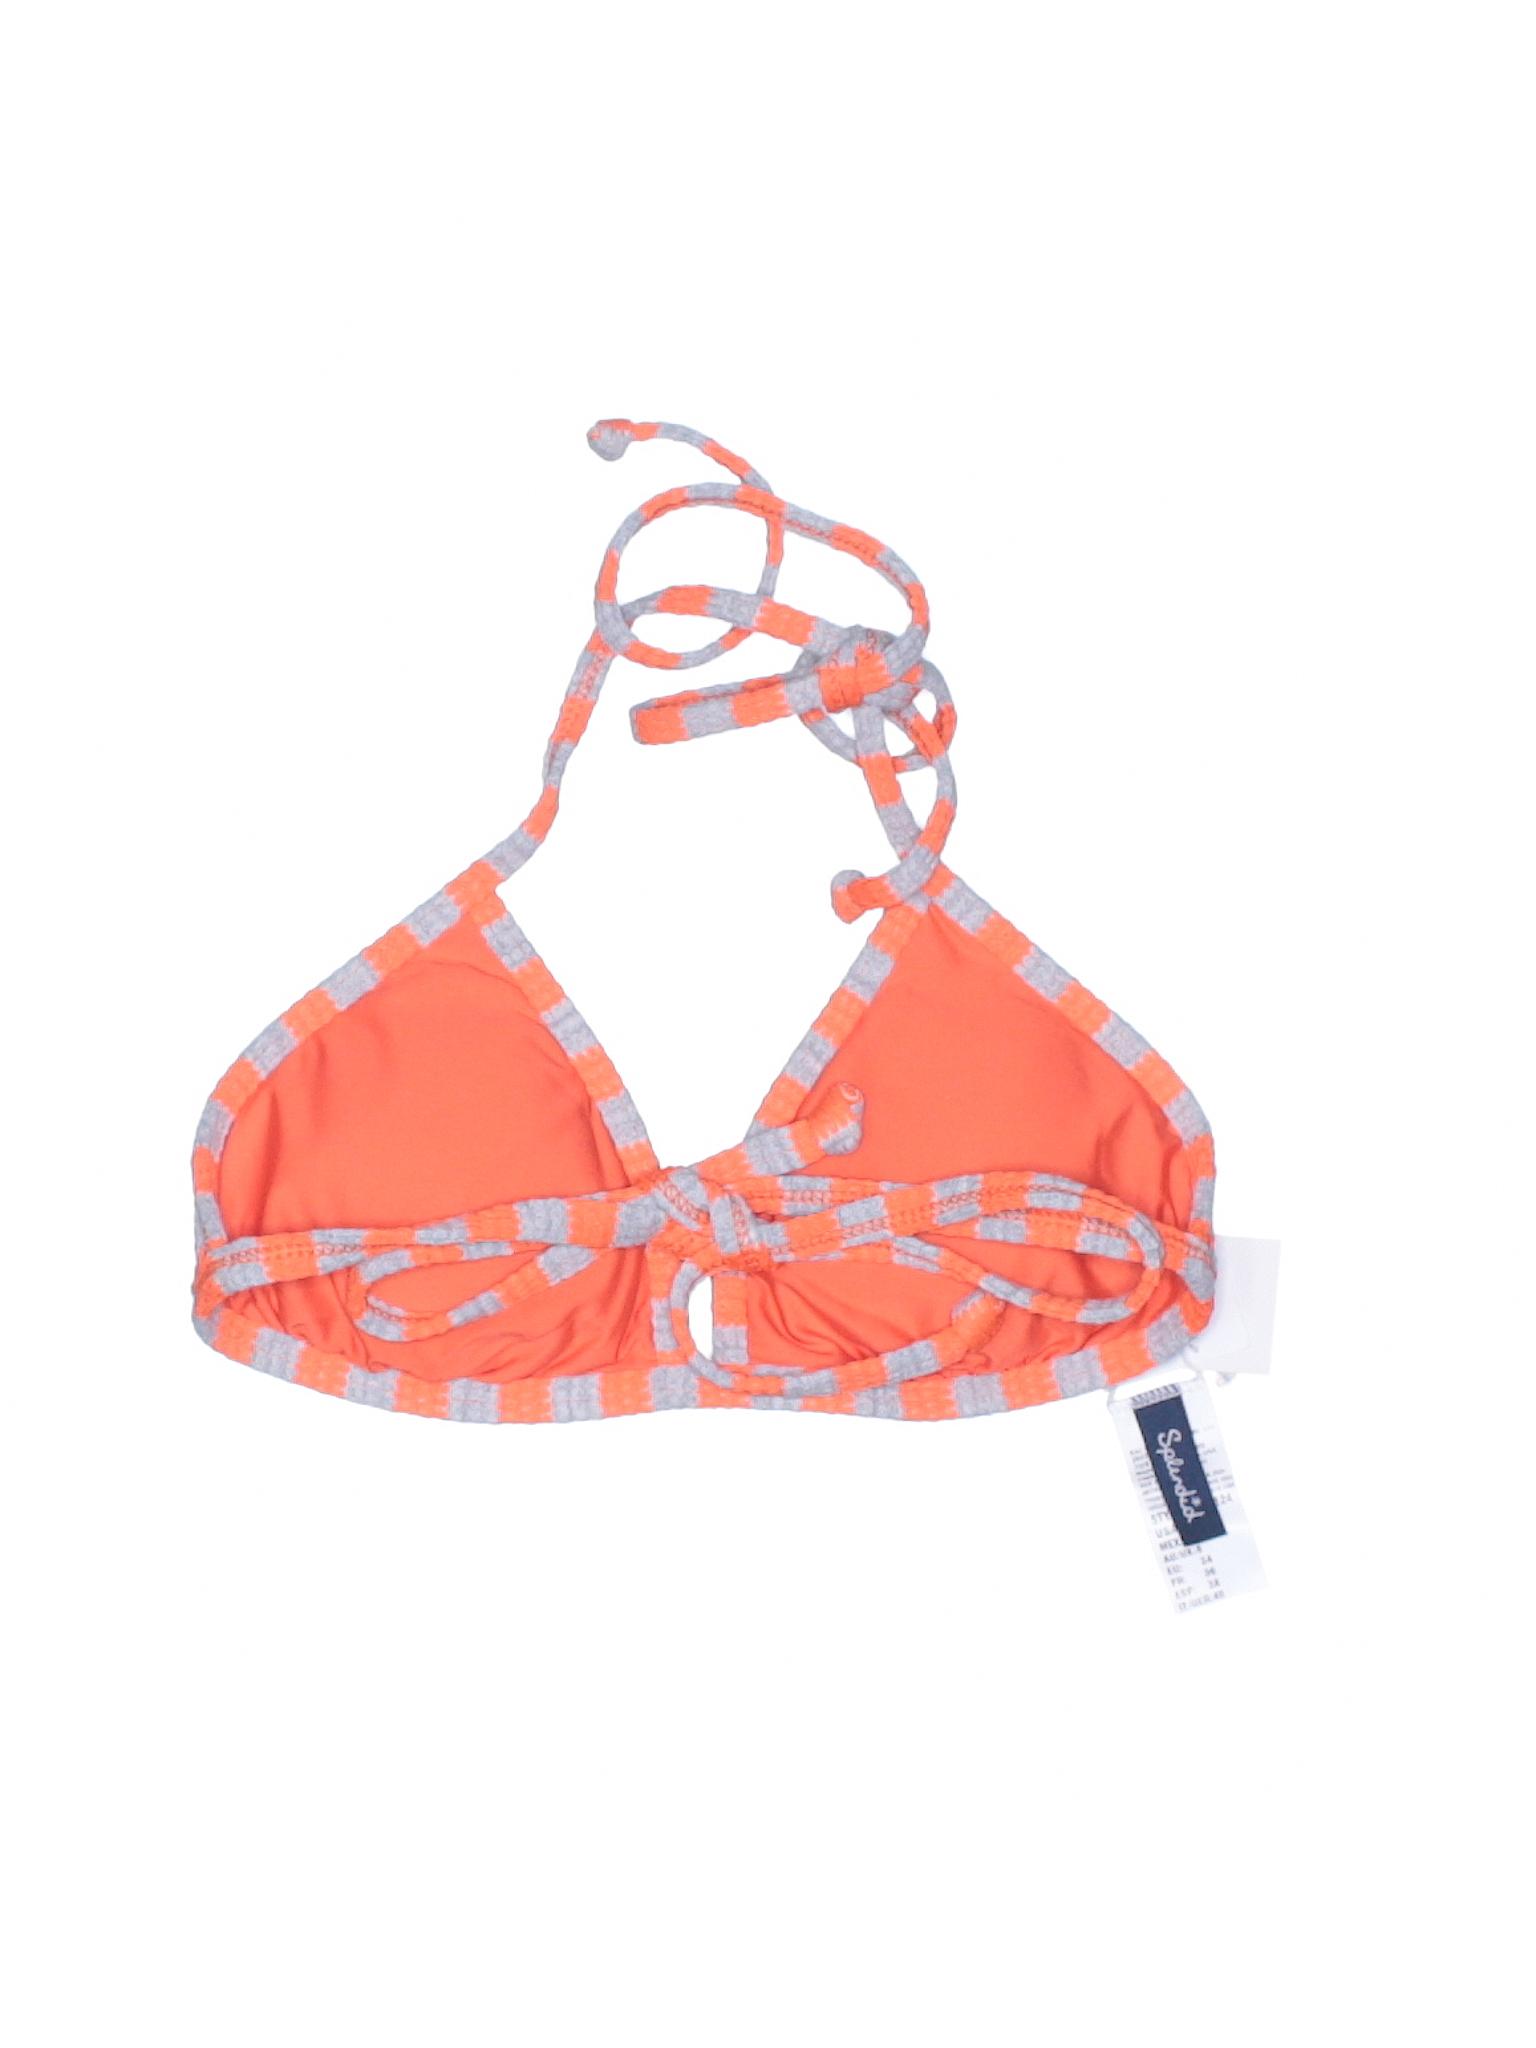 Splendid Swimsuit Boutique Splendid Boutique Swimsuit Top OC50ra5wq